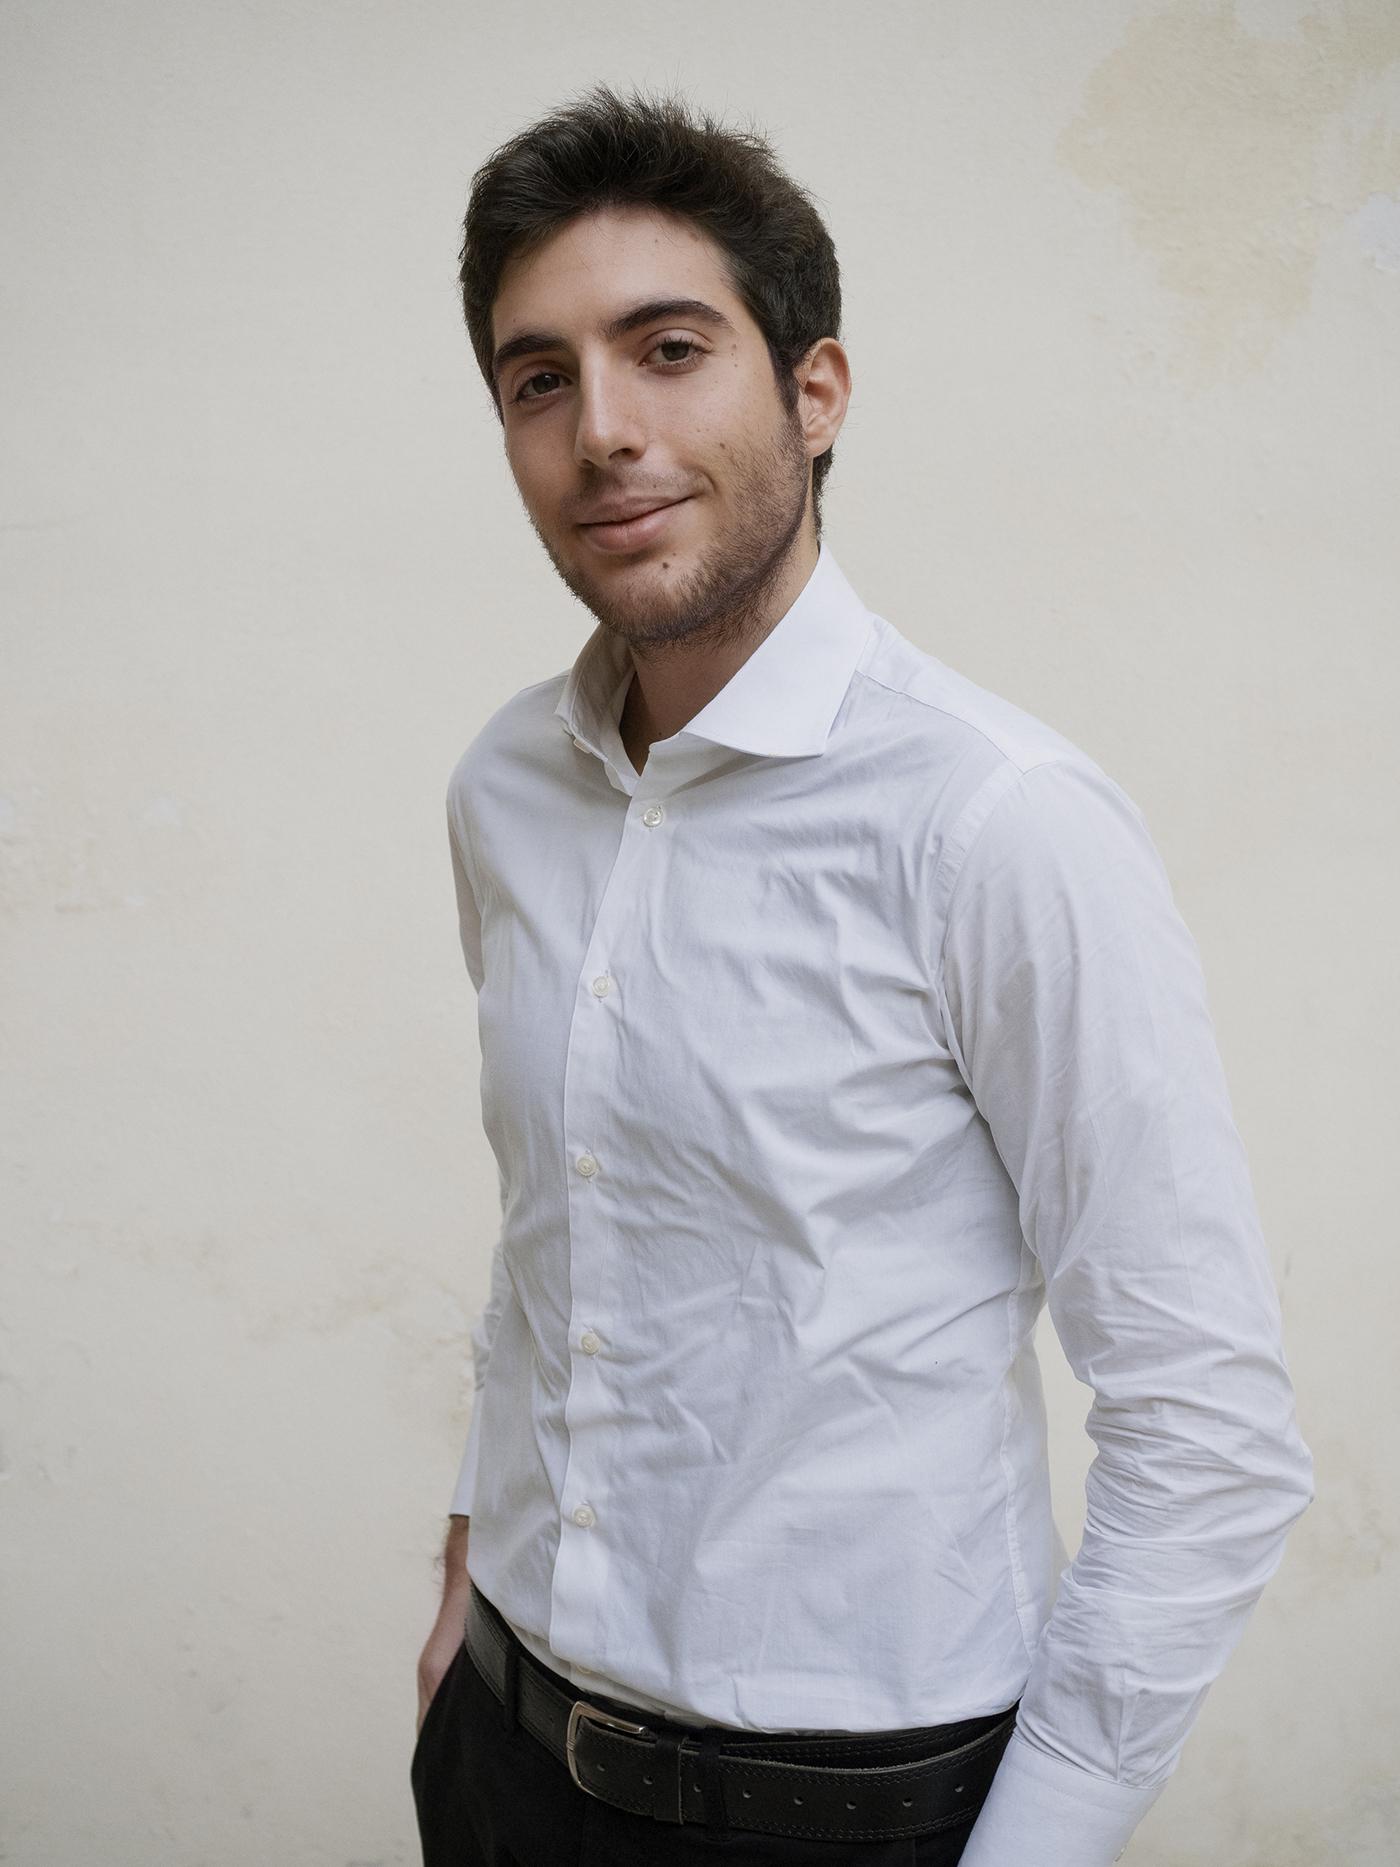 Matteo Corona